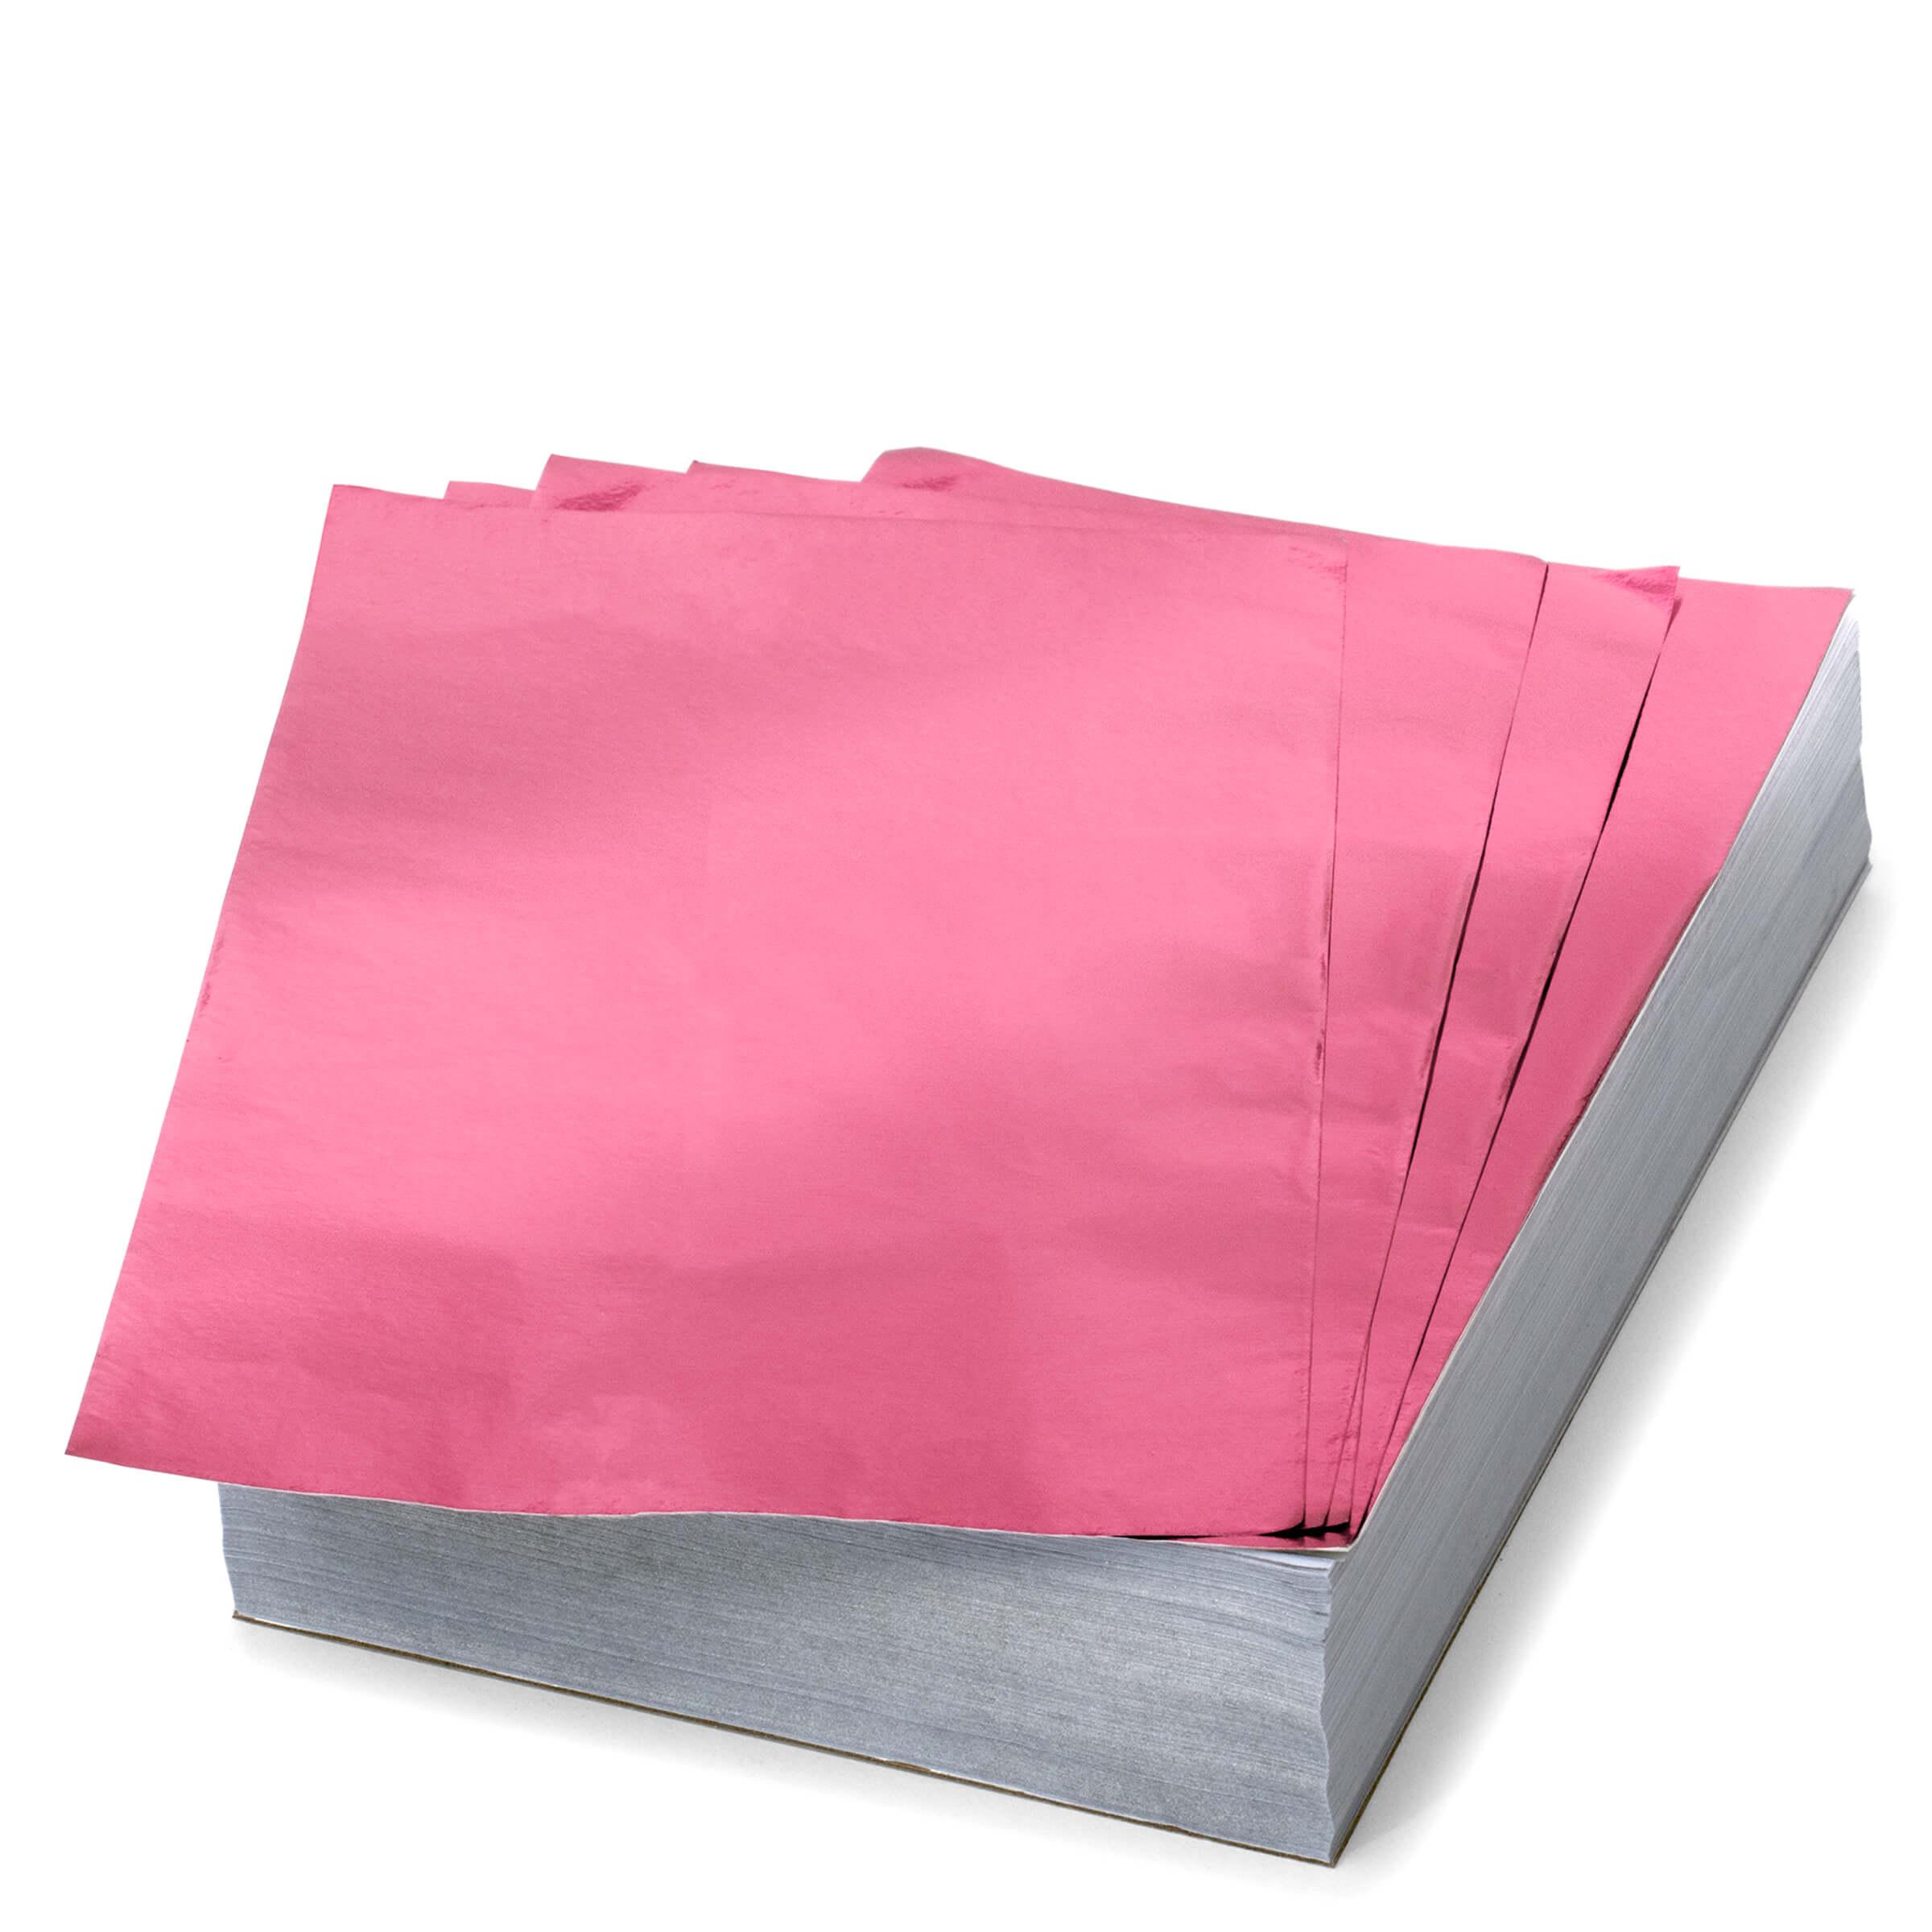 AL-58-45PK-a-5x8-smooth-foil-x-light-pink-l.jpg